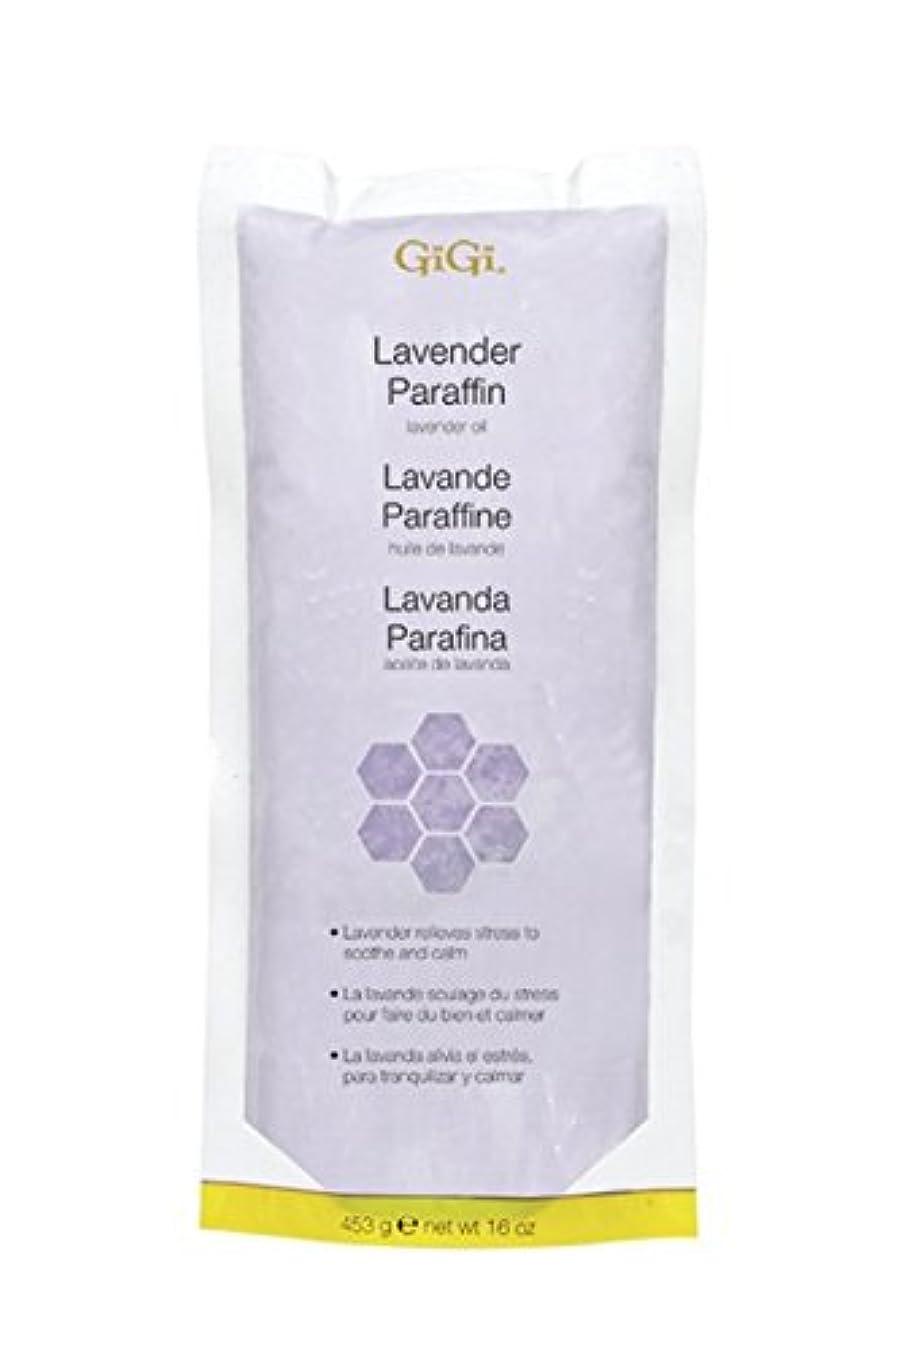 フローティングナインへチェス(Lavender) - GiGi Lavander Paraffin with Lavander Oil (for Women)